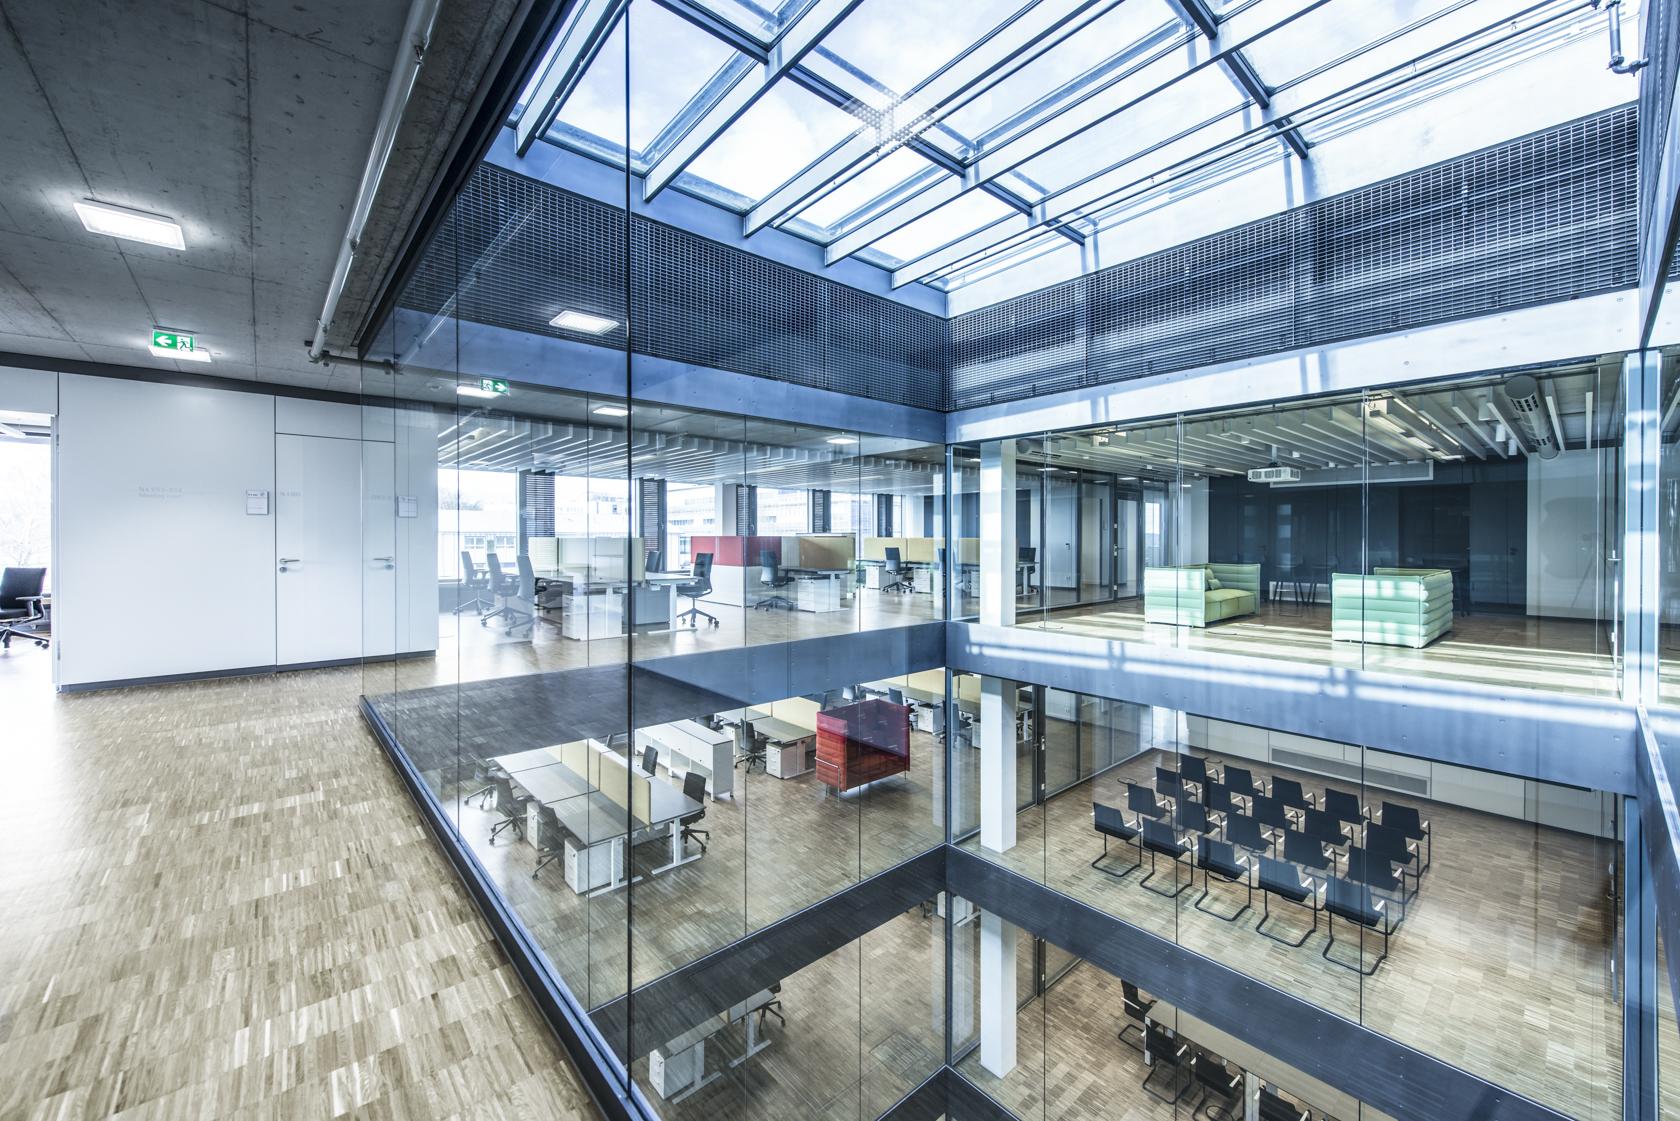 Max-Planck-Institut Für Intelligente Systeme (MPI IS) In Tübingen 6 - ArGe Architekten